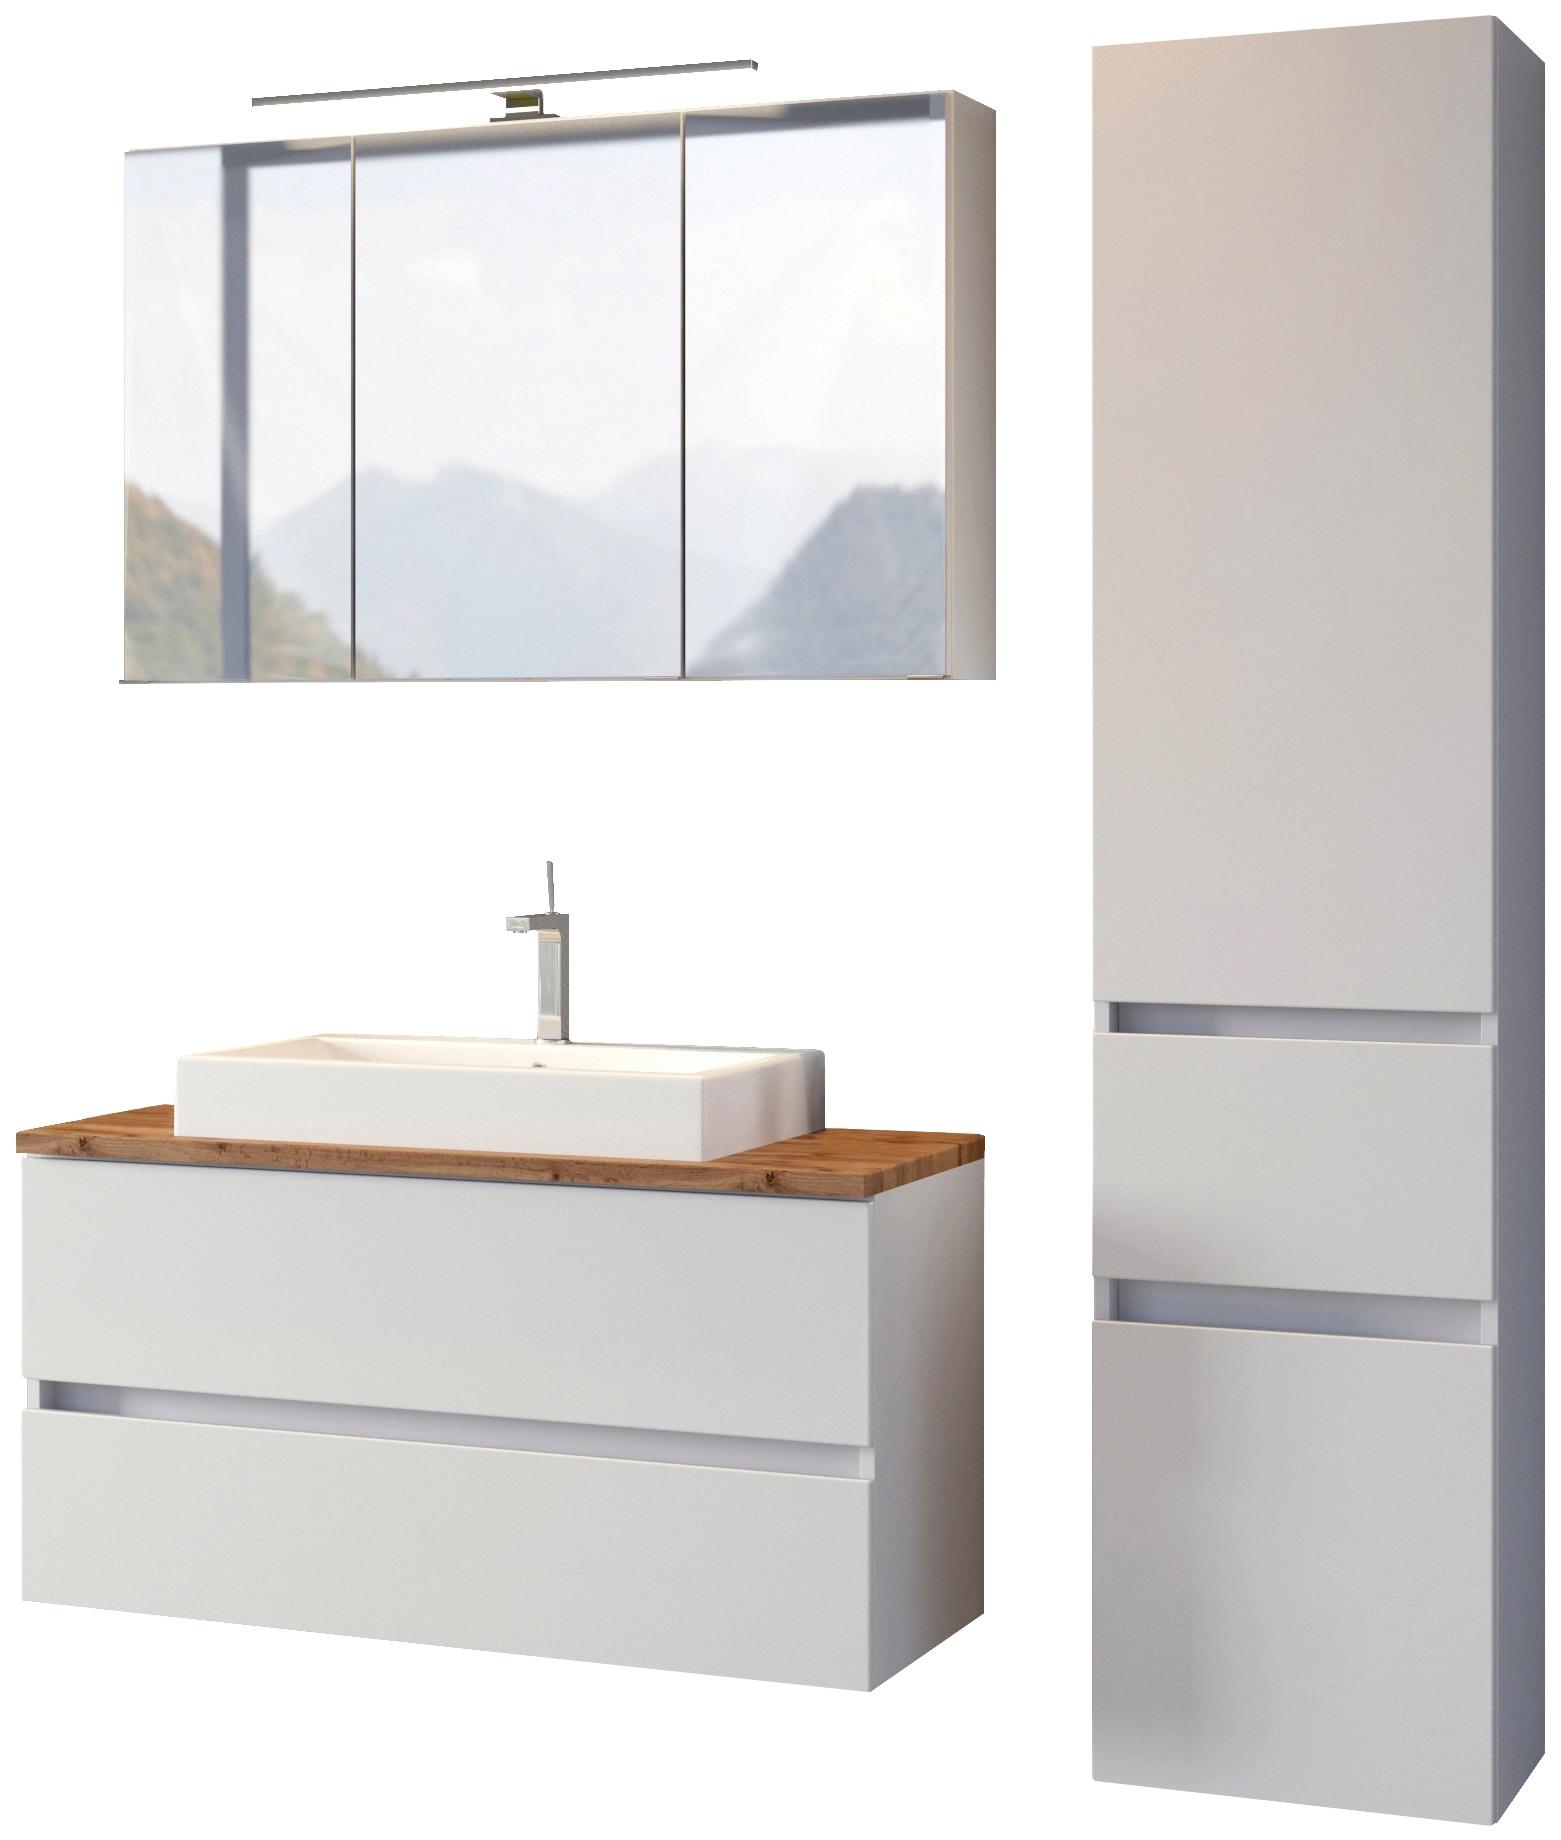 HELD MÖBEL Waschtisch-Set, (3 tlg.), mit Softclose-Funktion weiß Waschtische Badmöbel Waschtisch-Set